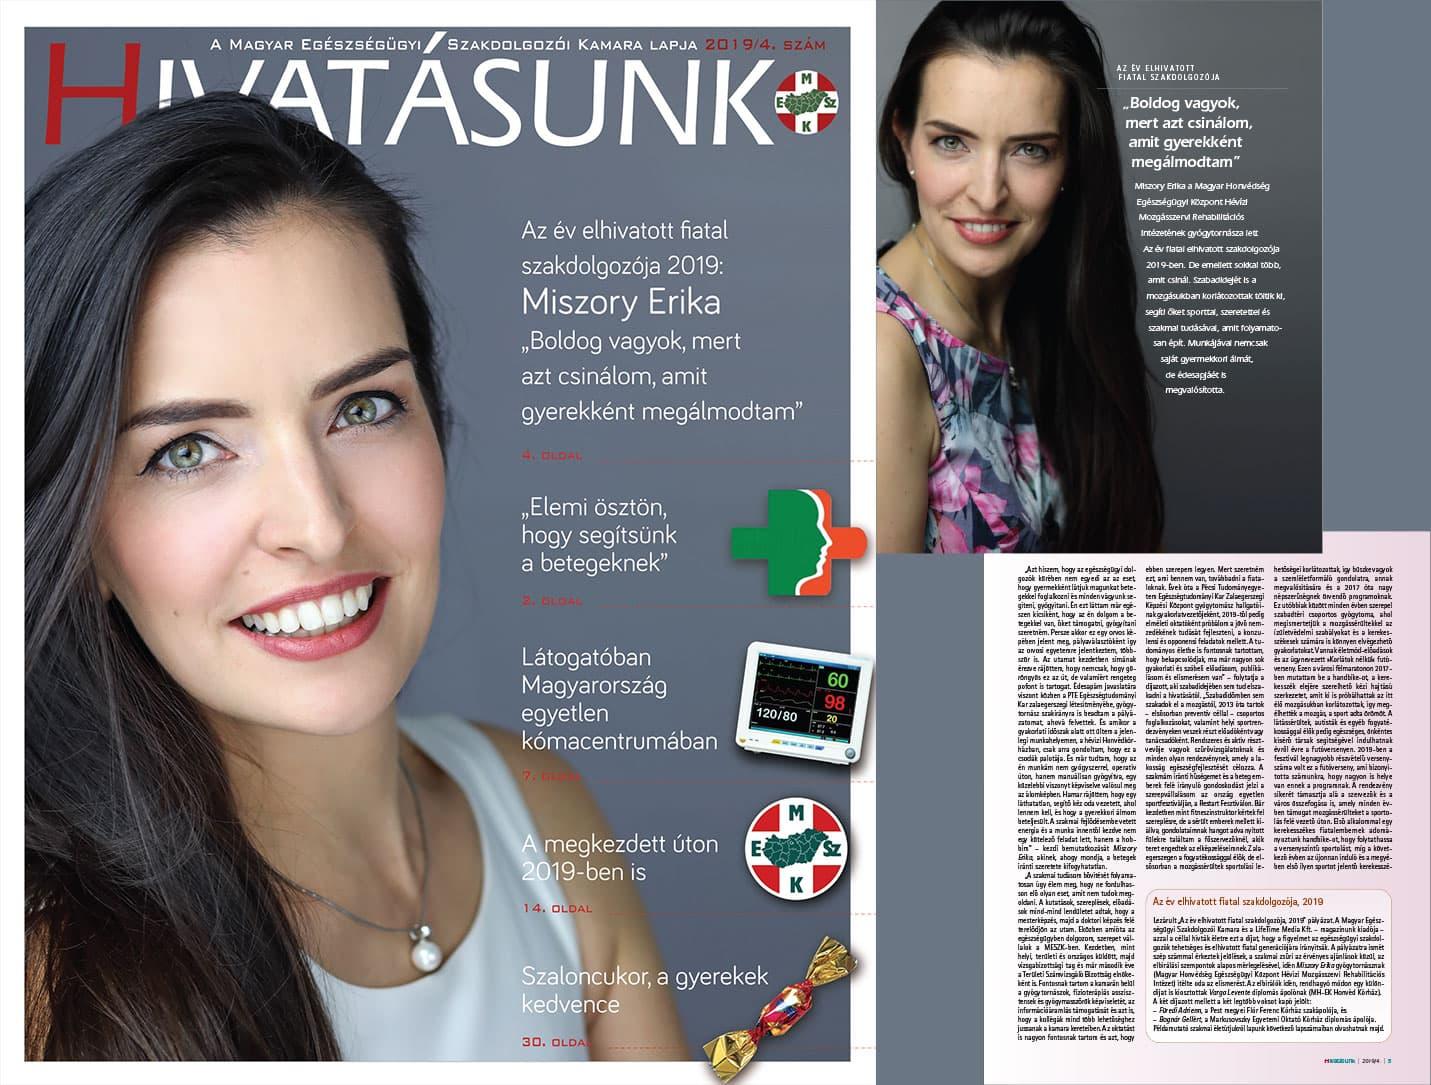 Hivatásunk magazin - Miszory Erika - 2019 - Az Év Elhivatott Fiatal Szakdolgozója